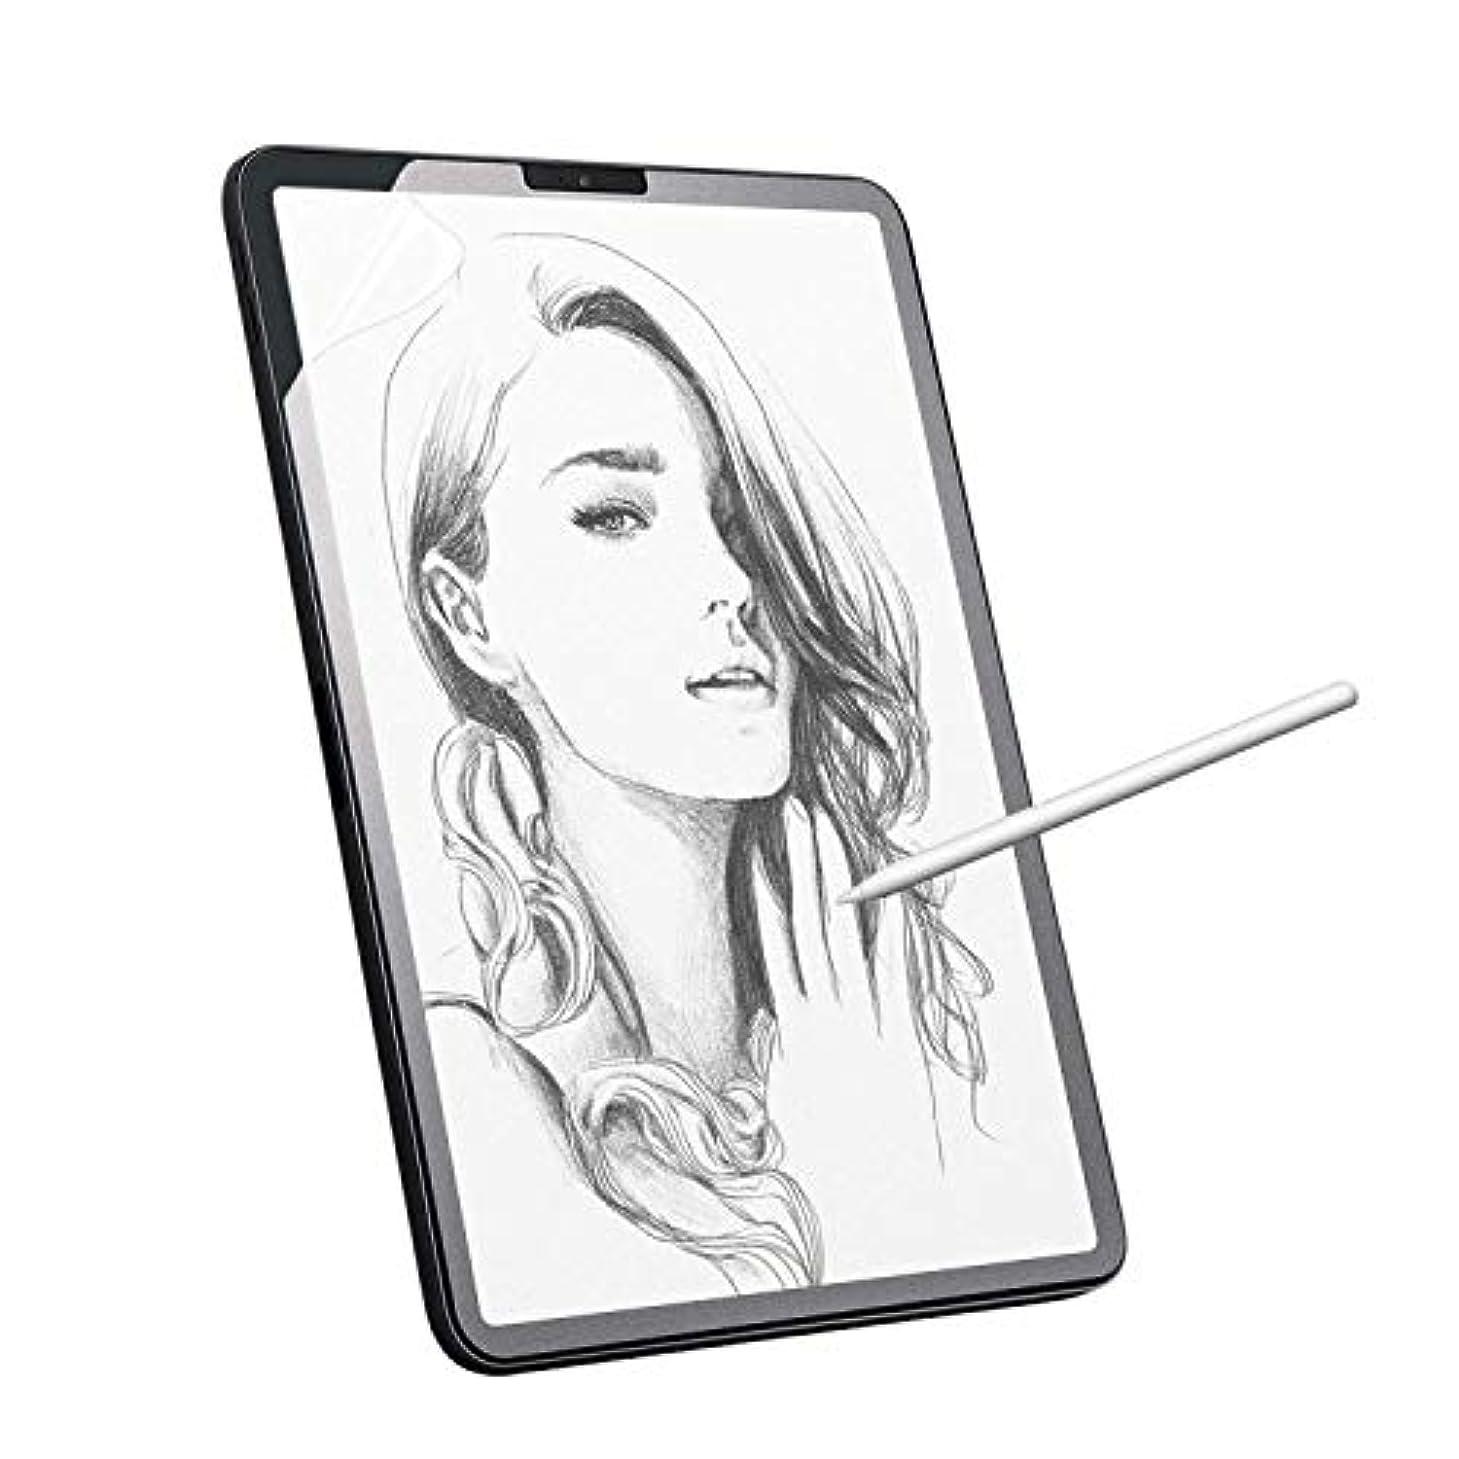 チョコレート反響するやろうiPad Pro 12.9 ペーパーライク 液晶 保護フィルム 【紙のような描き心地】 反射低減 アンチグレア 【貼り付け失敗無料交換】 上質紙 自己吸着 飛散防止 高透過率 気泡ゼロ 保護フィルム Nillkin (iPad Pro 12.9)